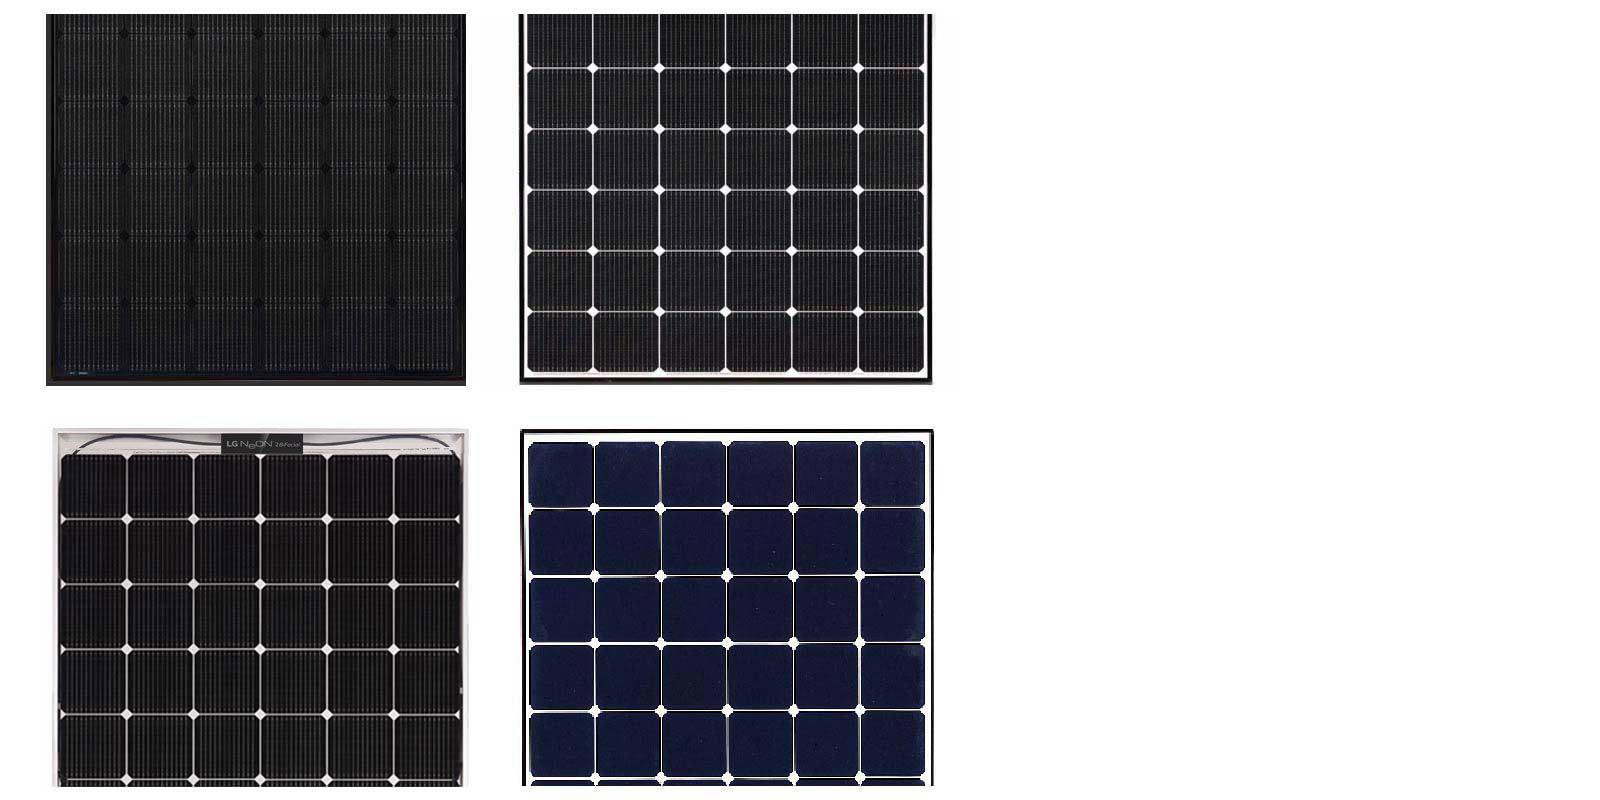 myCleantechSolarPower™ - LG Solarpannel Typen (C) - Musterbild